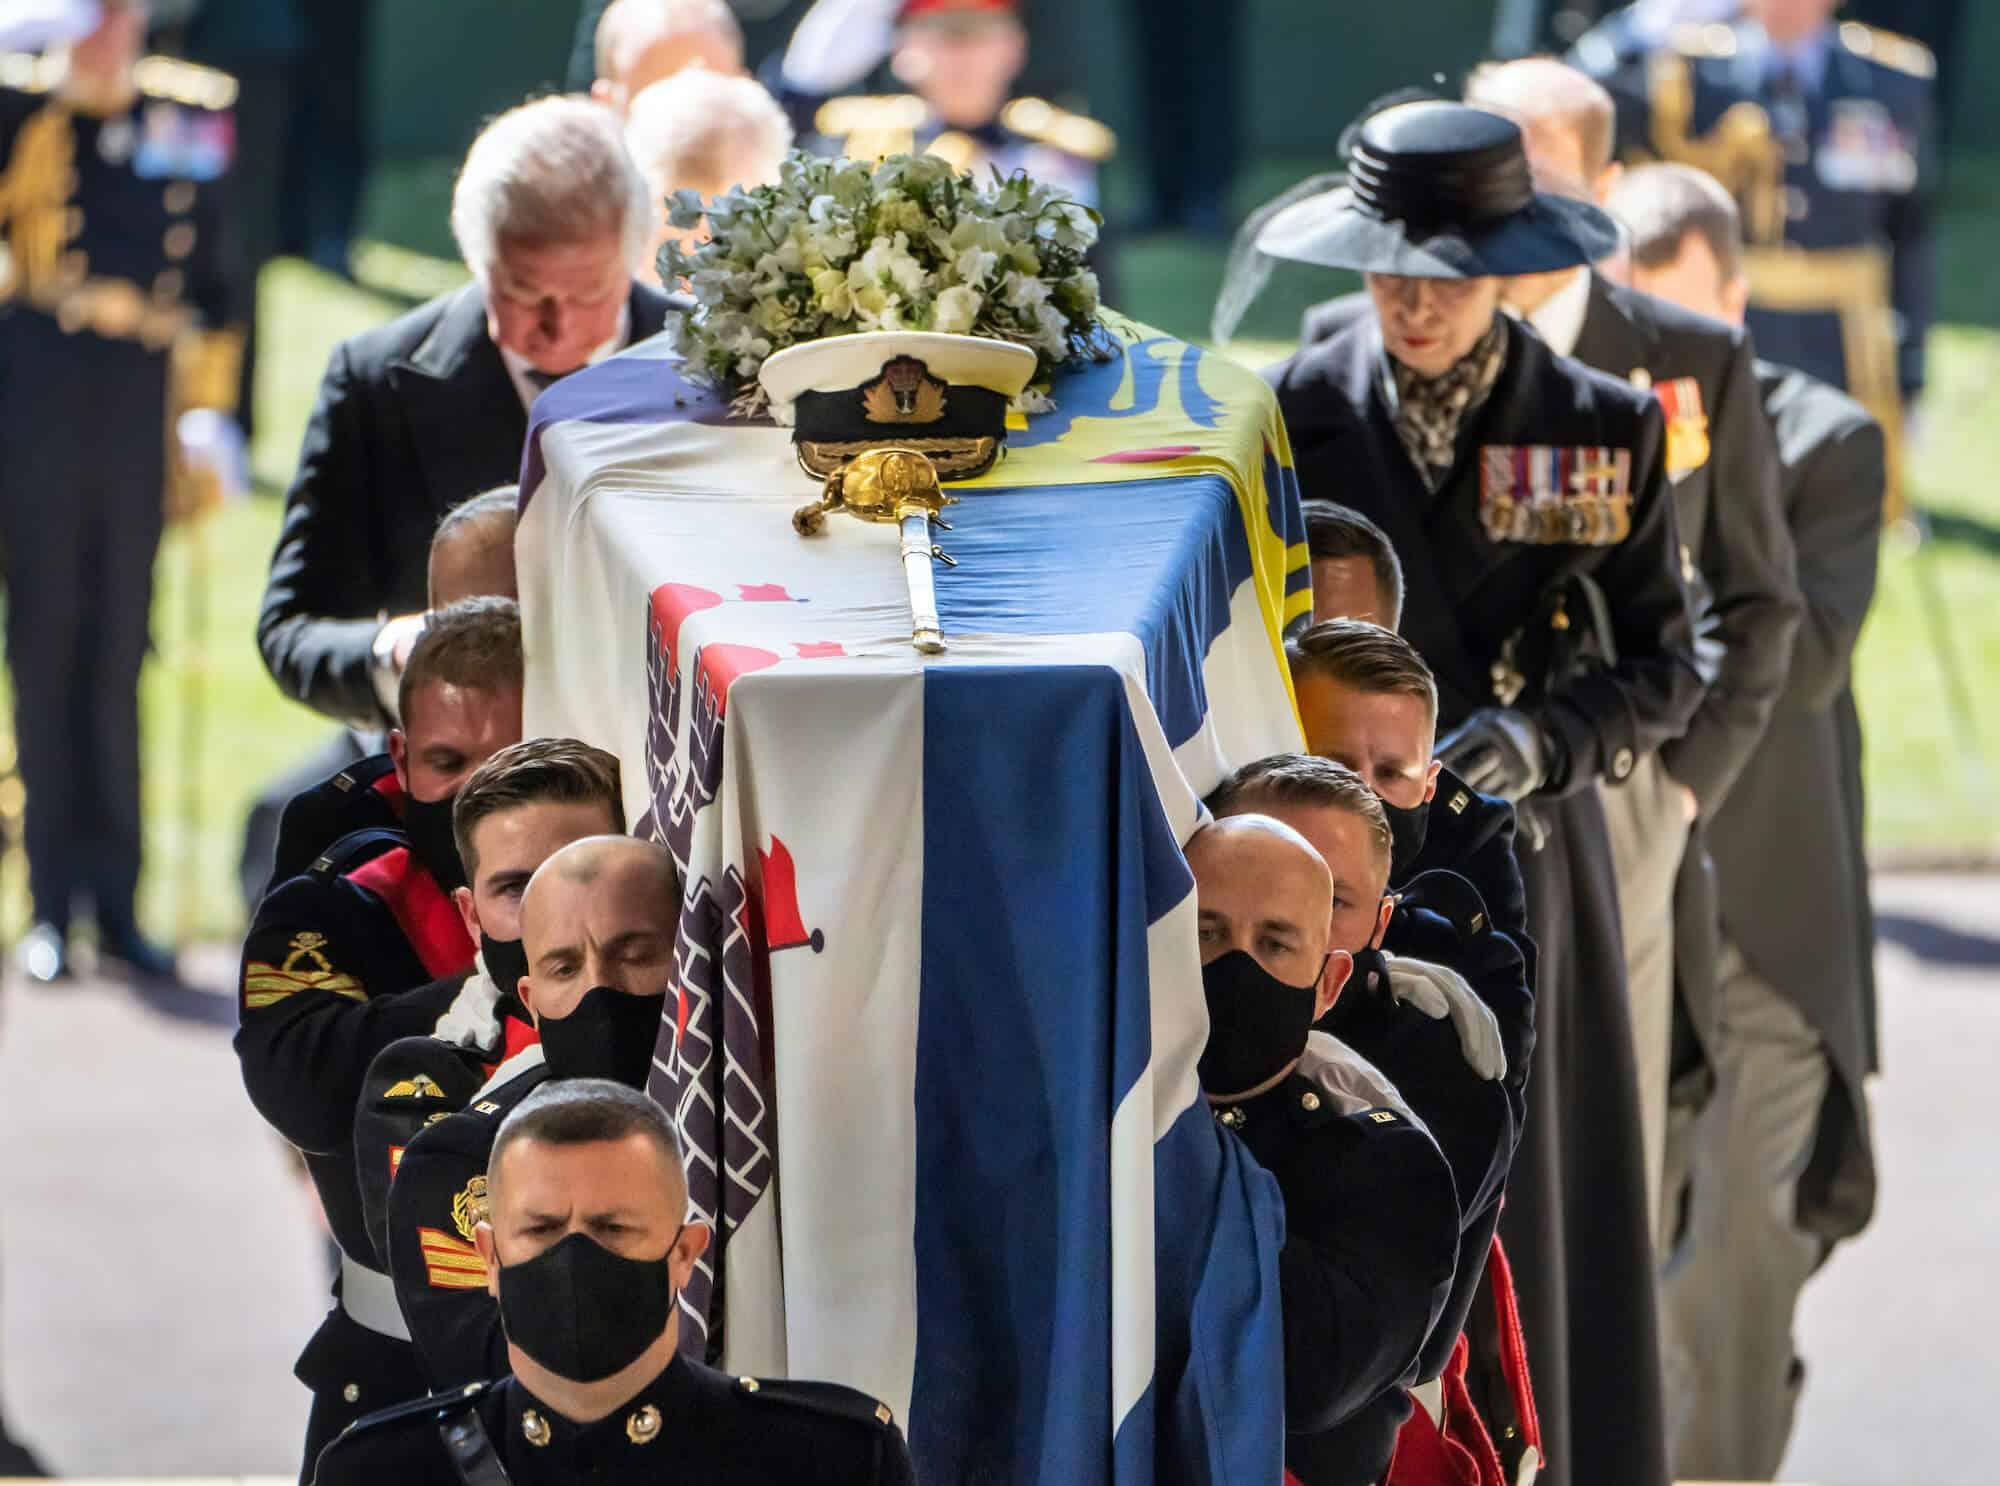 Prinz-Philip-5-besondere-Details-seiner-Trauerfeier